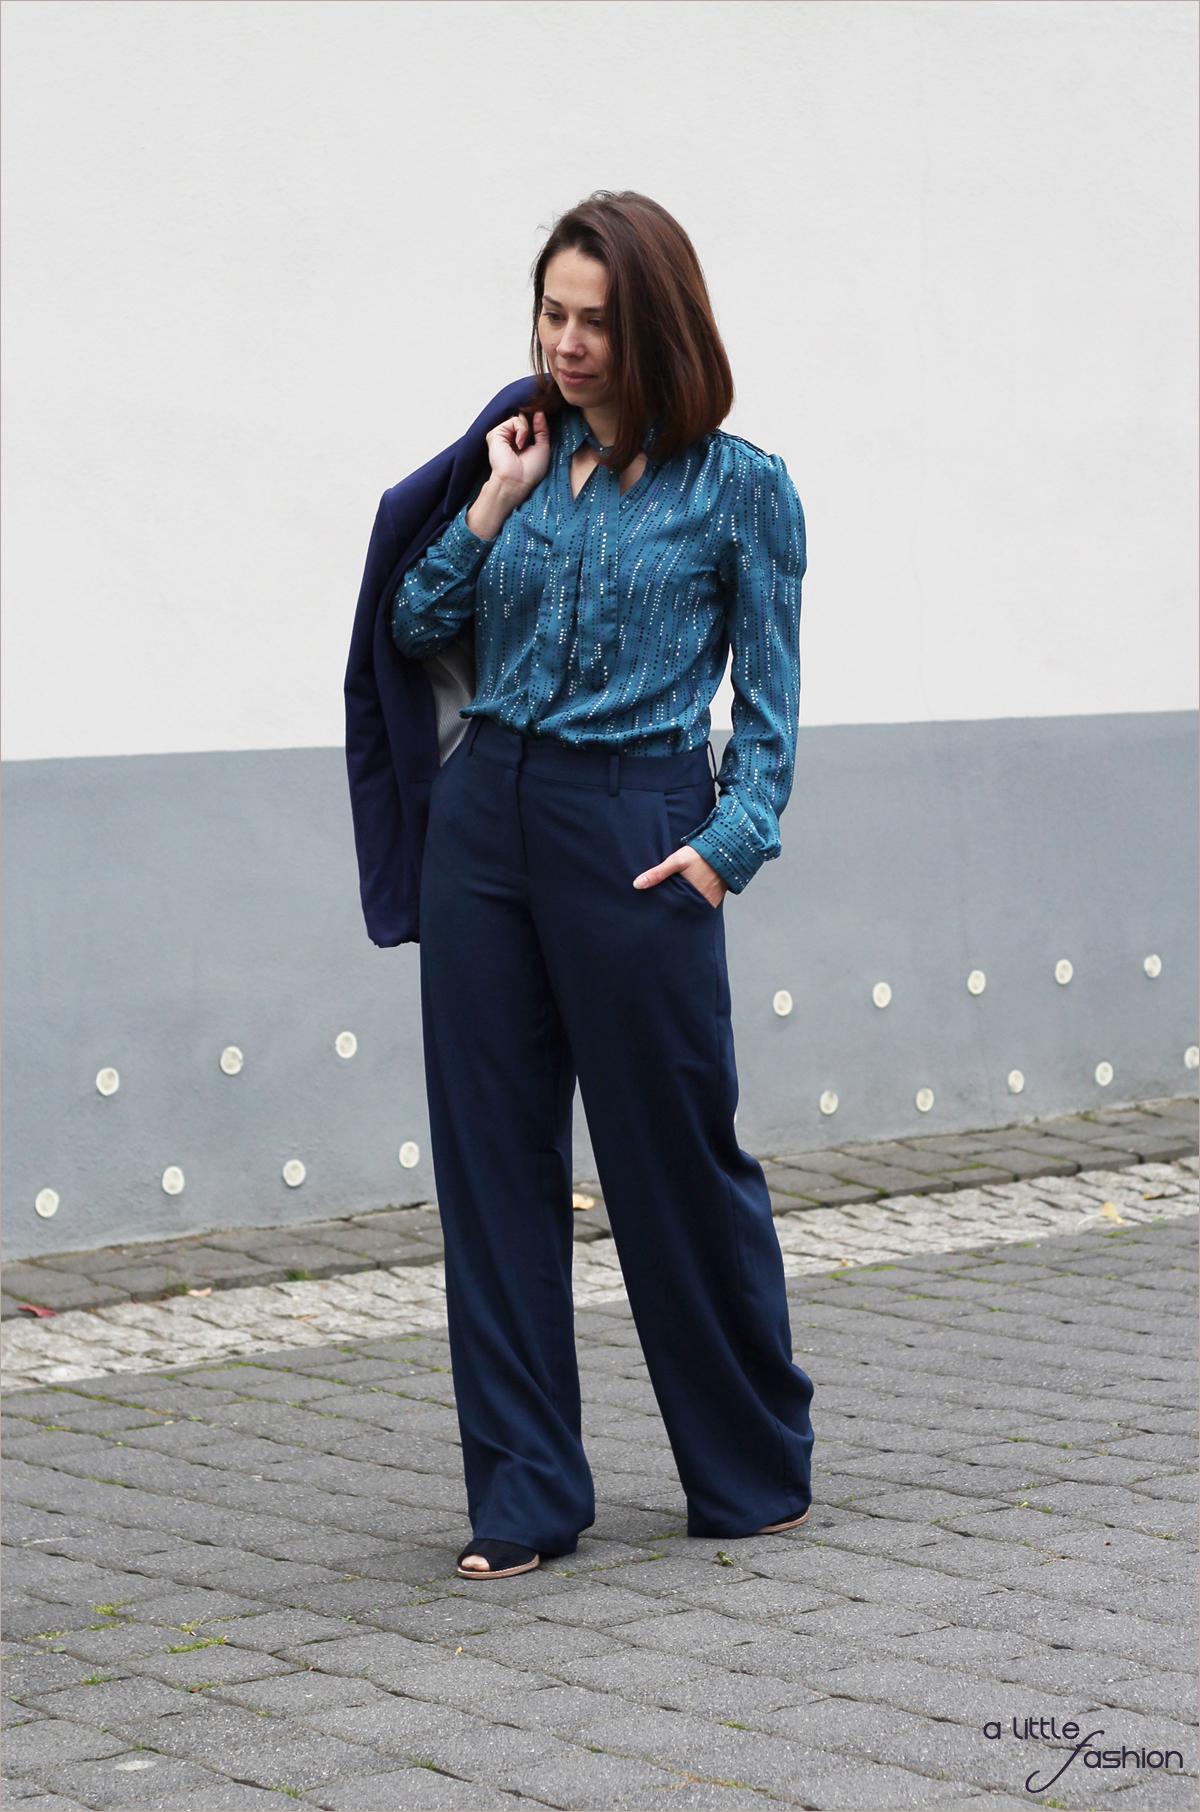 fashion-trend_hw2015-howtostyle_schluppen-bluse_blau_weite-hosen_culottes5